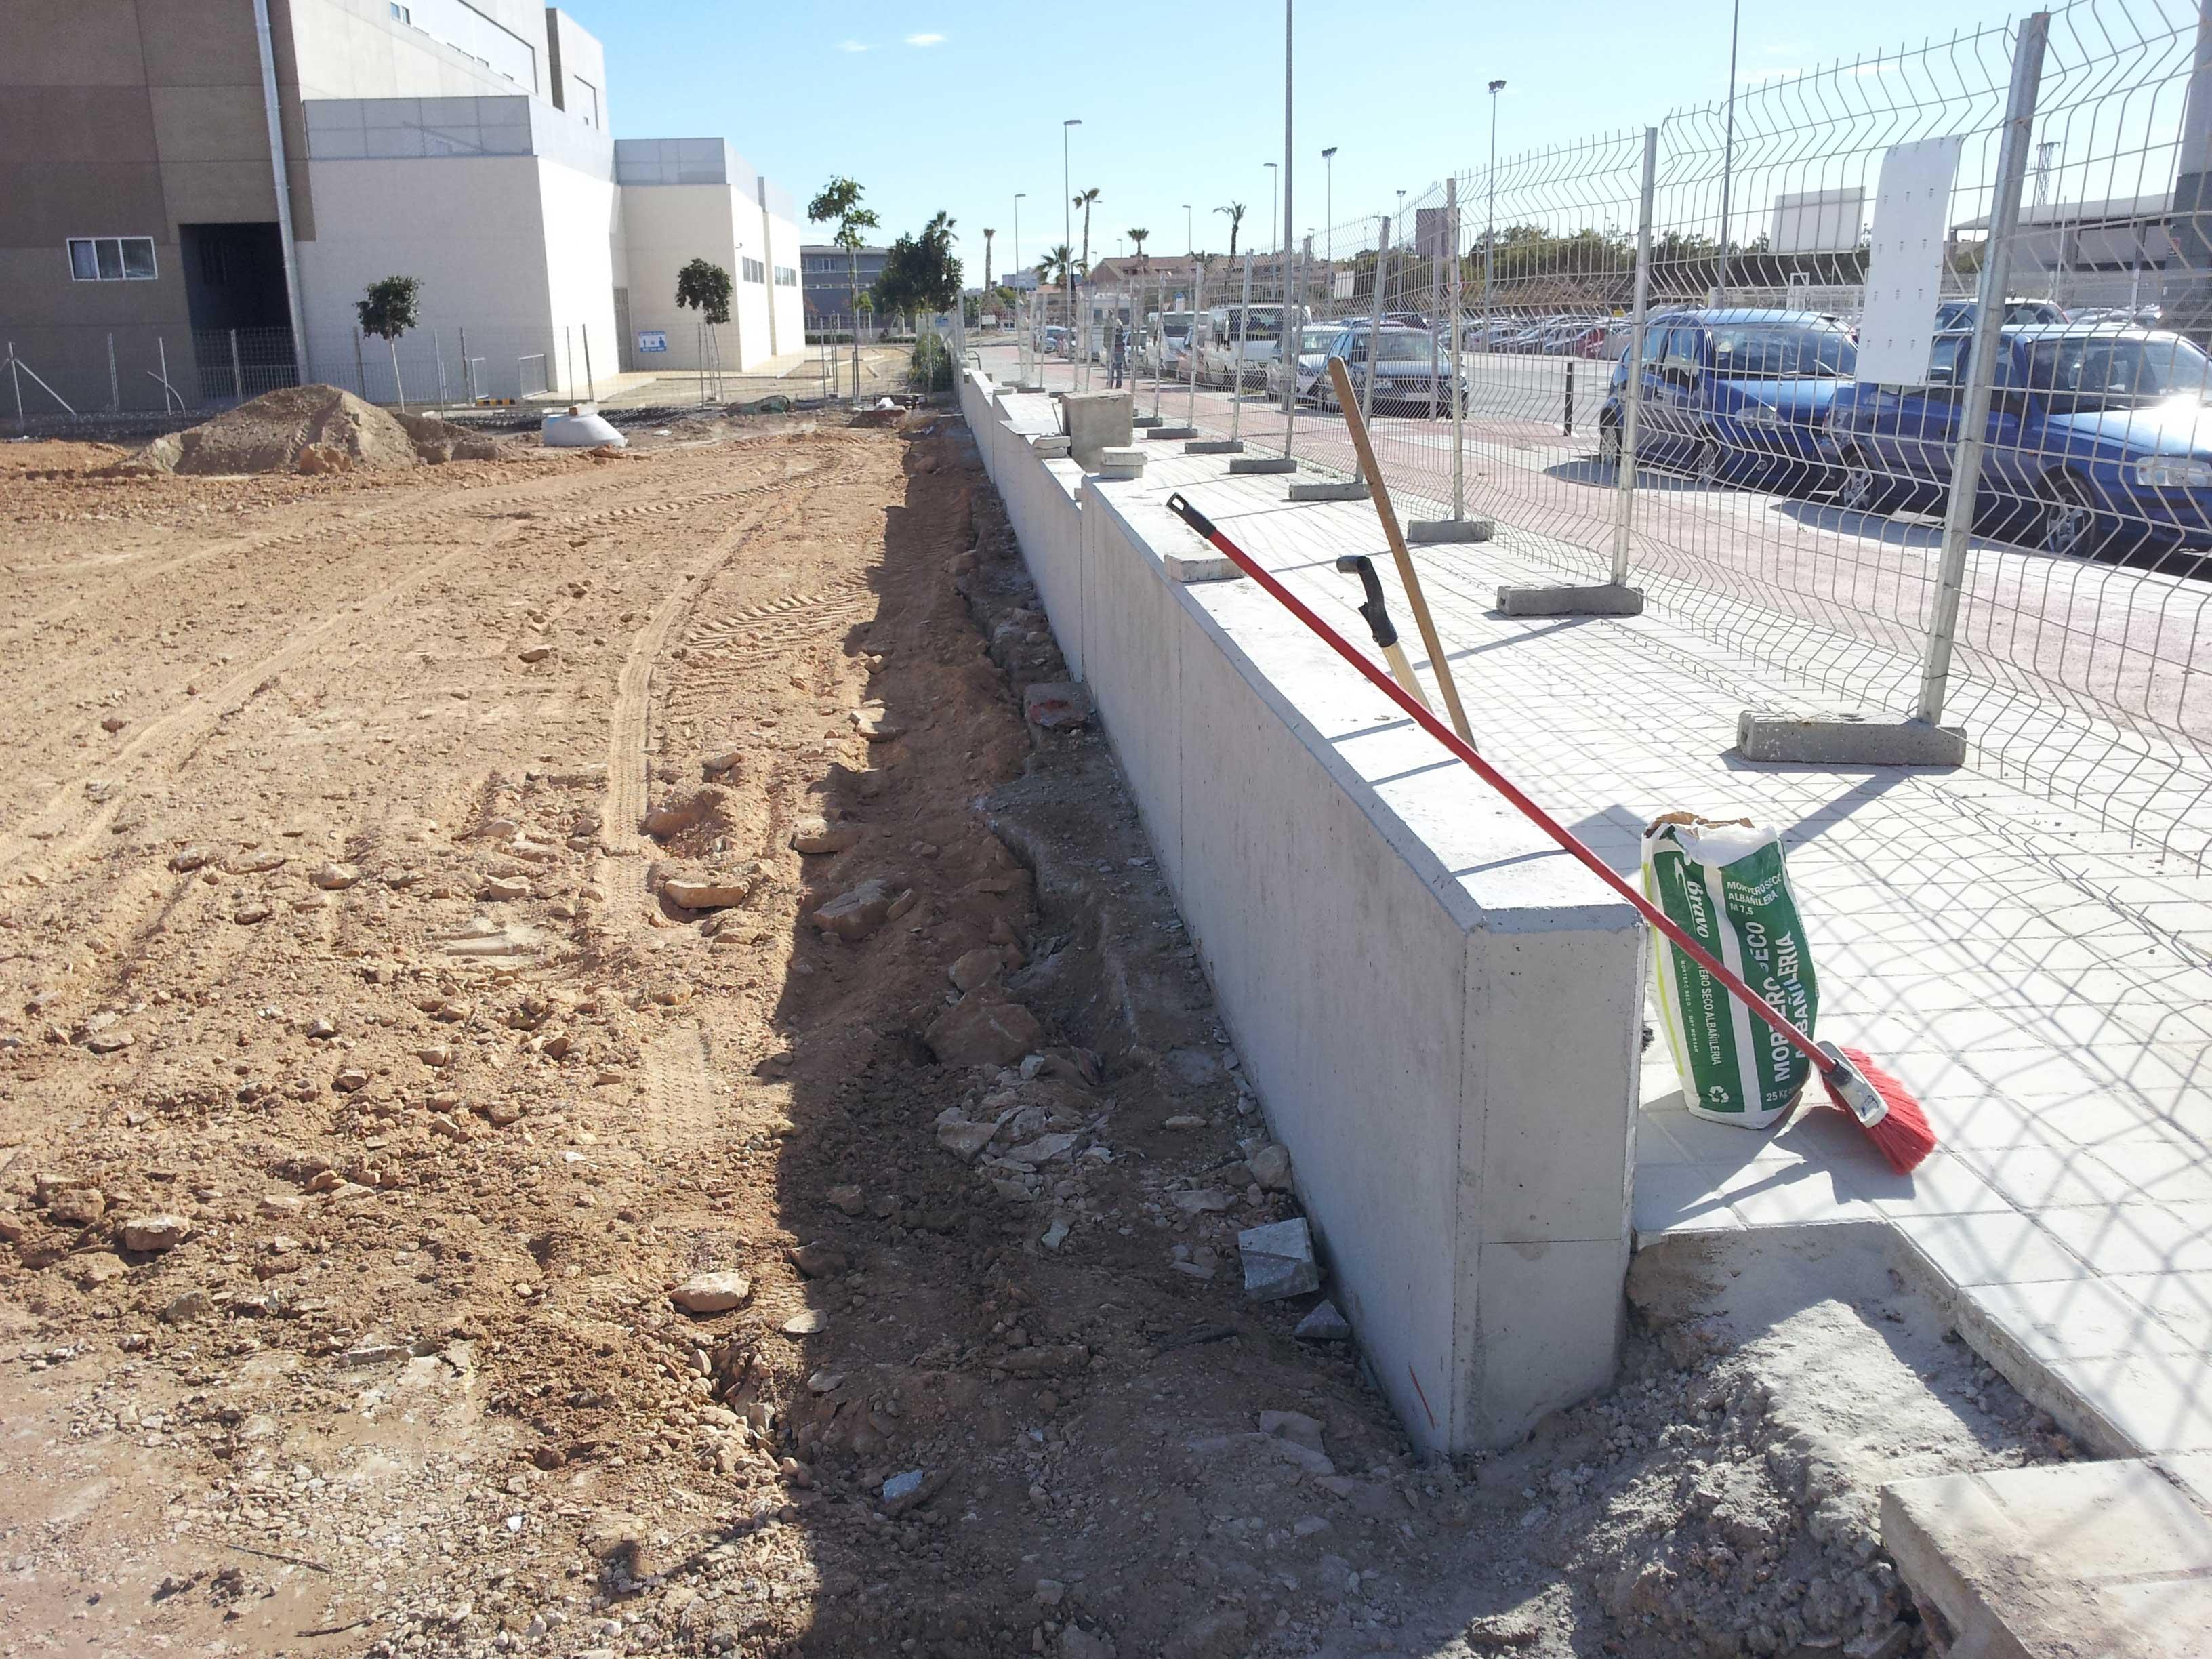 Inelsa empresa de construcci n en alicante construccion de muros de hormigon armado - Muros de hormigon ...